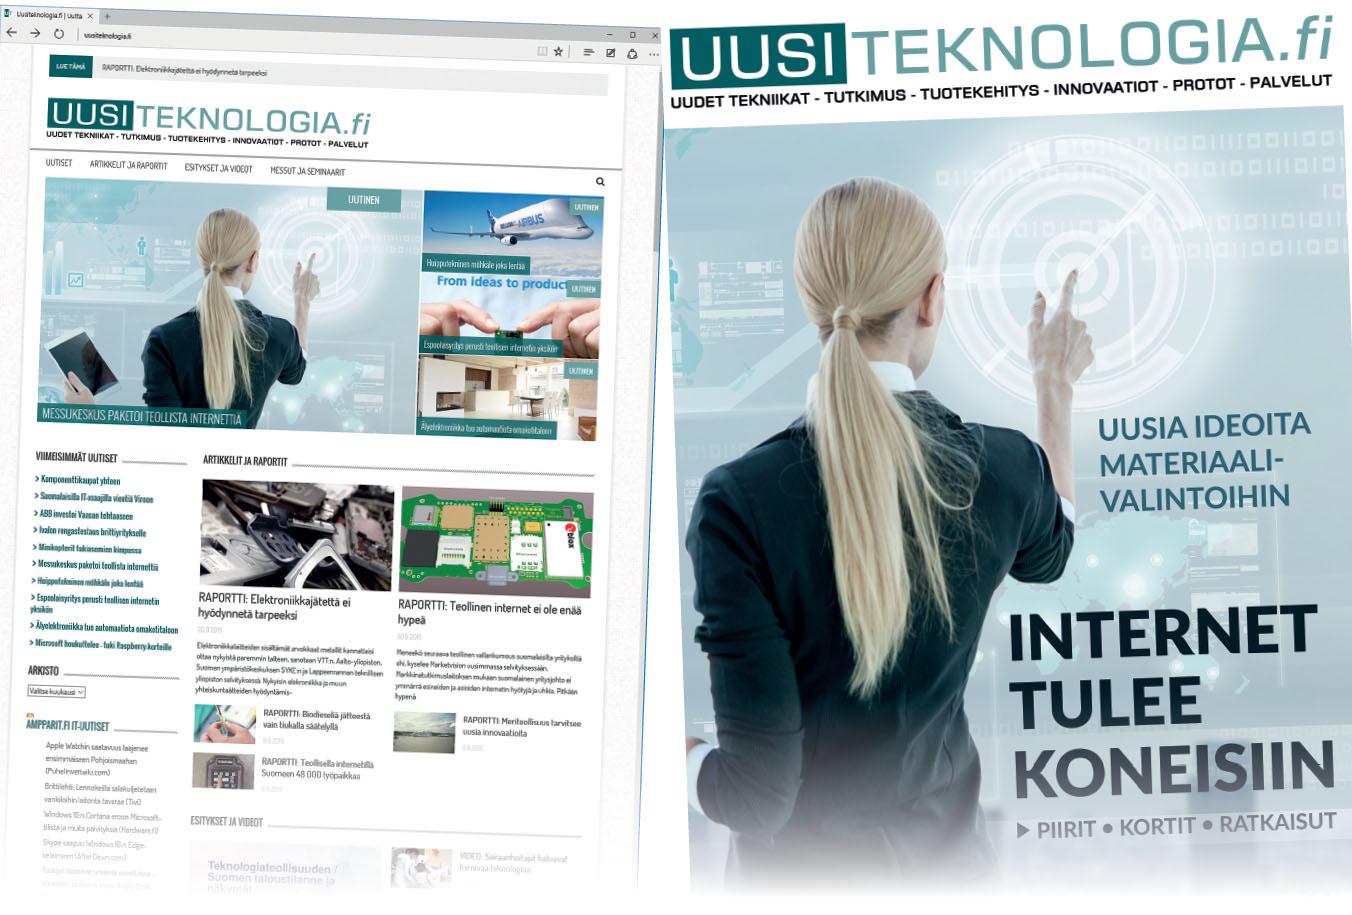 Uusiteknologia.fi